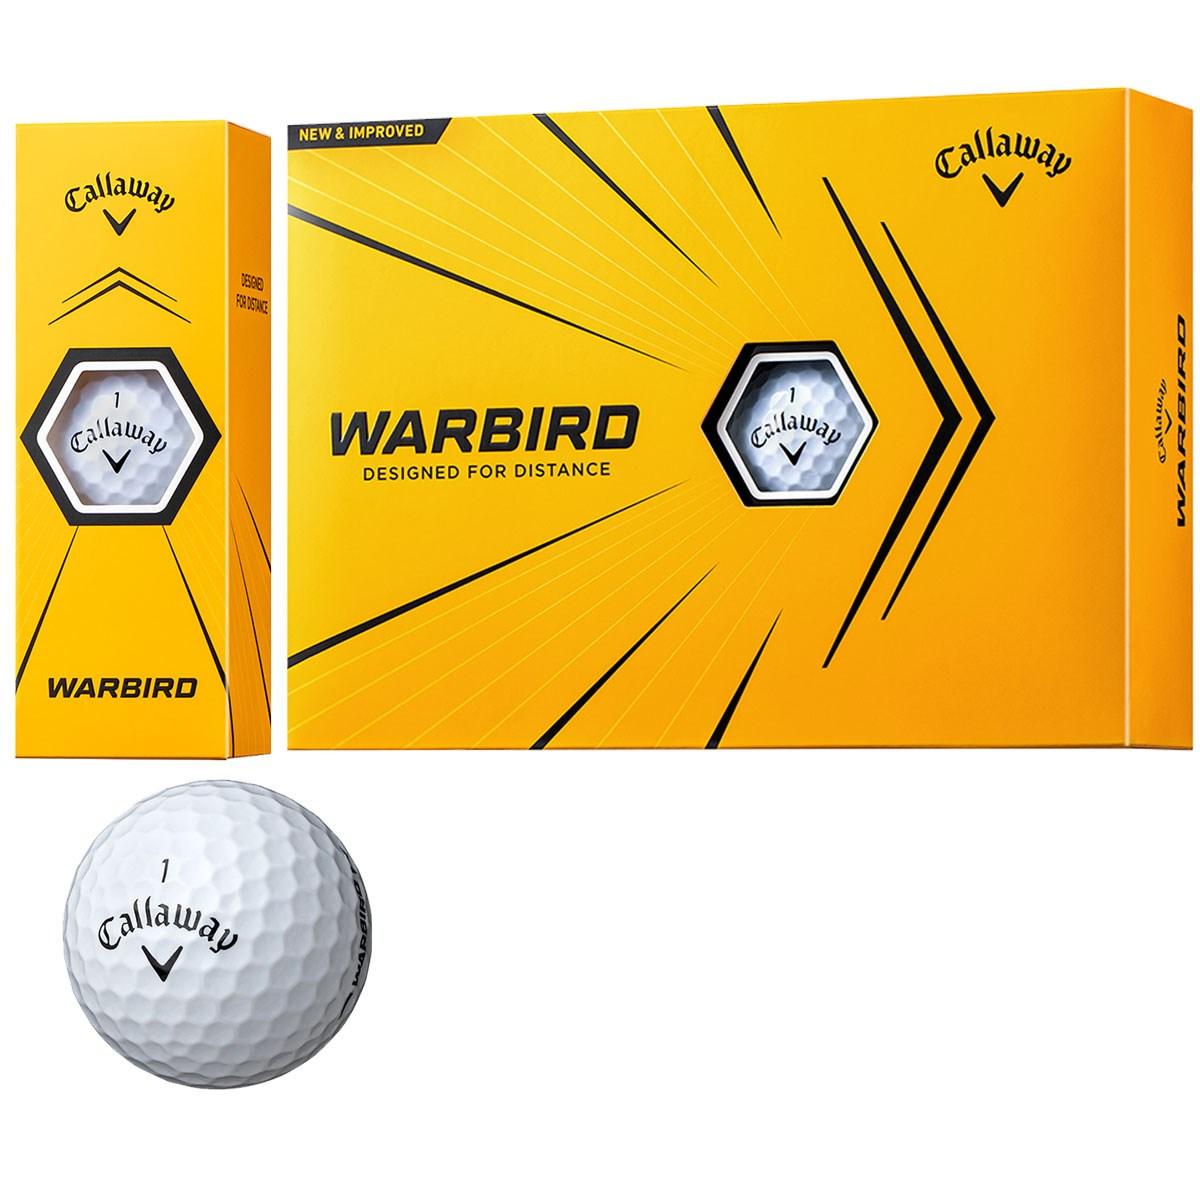 キャロウェイゴルフ WARBIRD WARBIRD 21 ボール 1ダース(12個入り) ホワイト